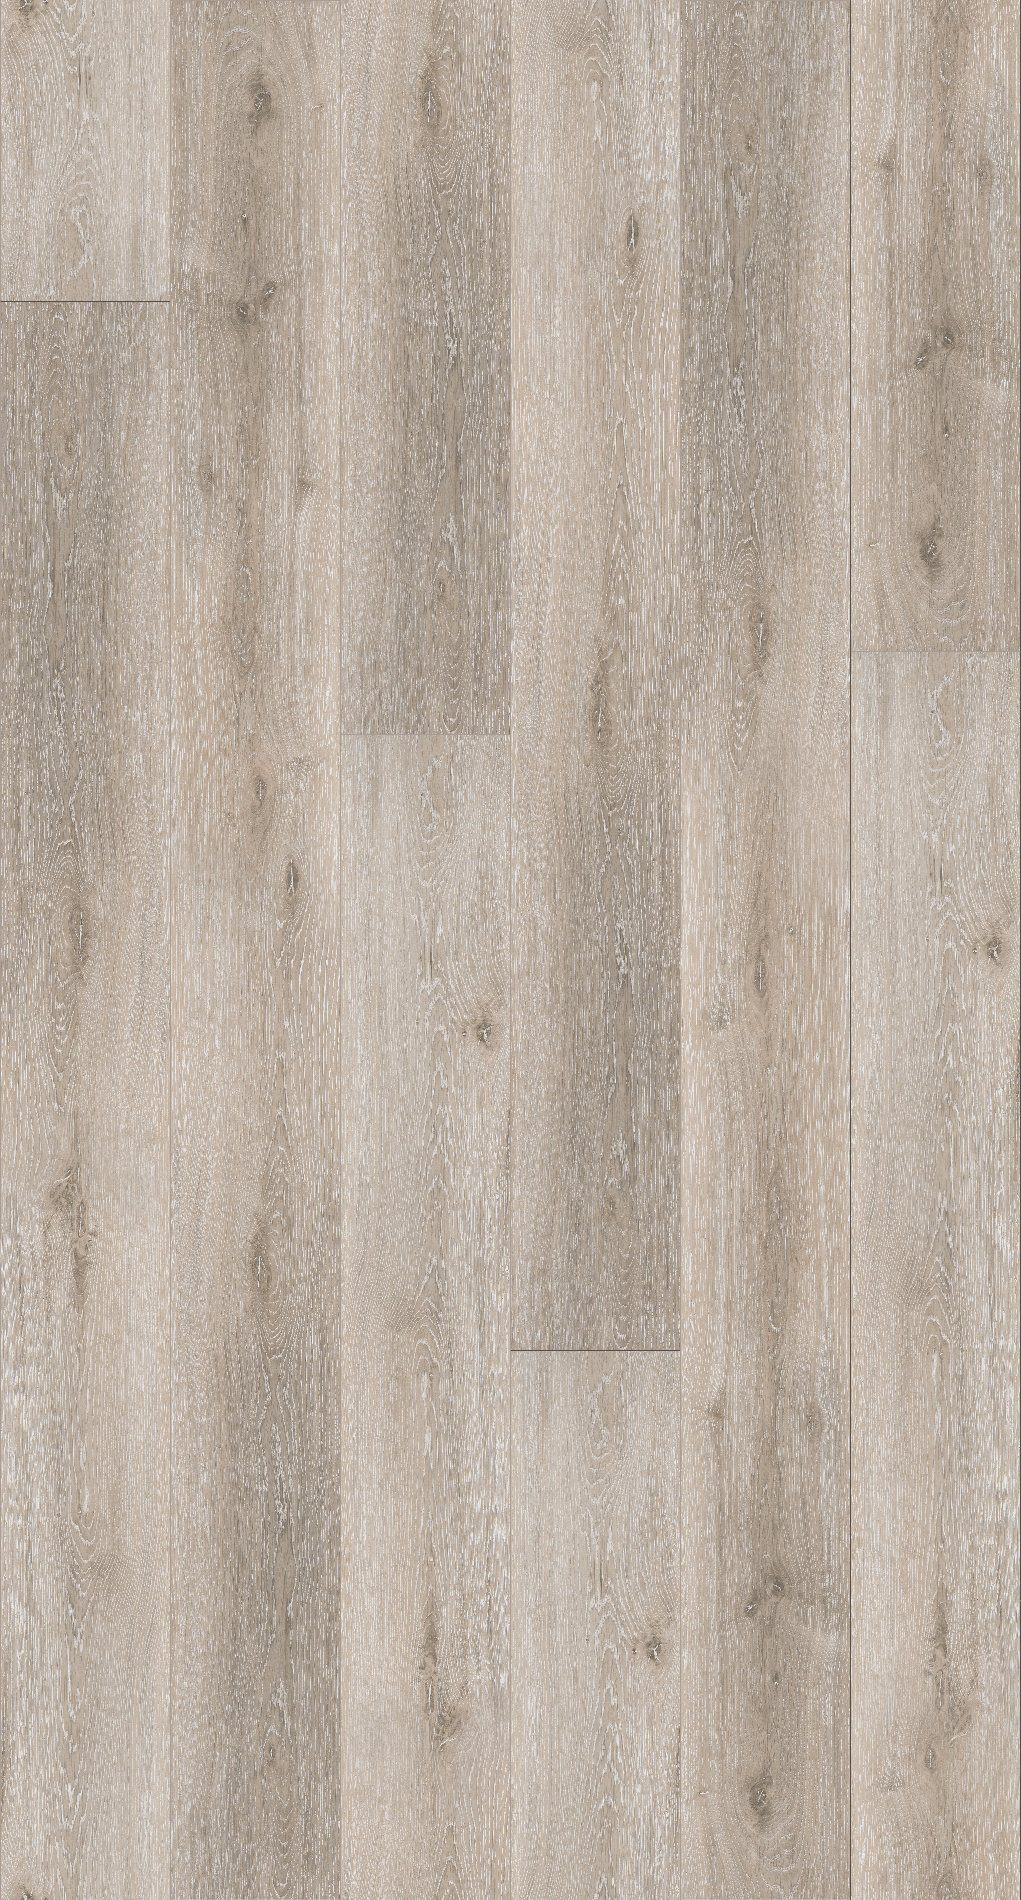 PARADOR Packung: Vinylboden »Basic 30 - Schlossdiele Eiche grau geweißt«, 2201 x 216 x 8,4 mm, 2,4 m²